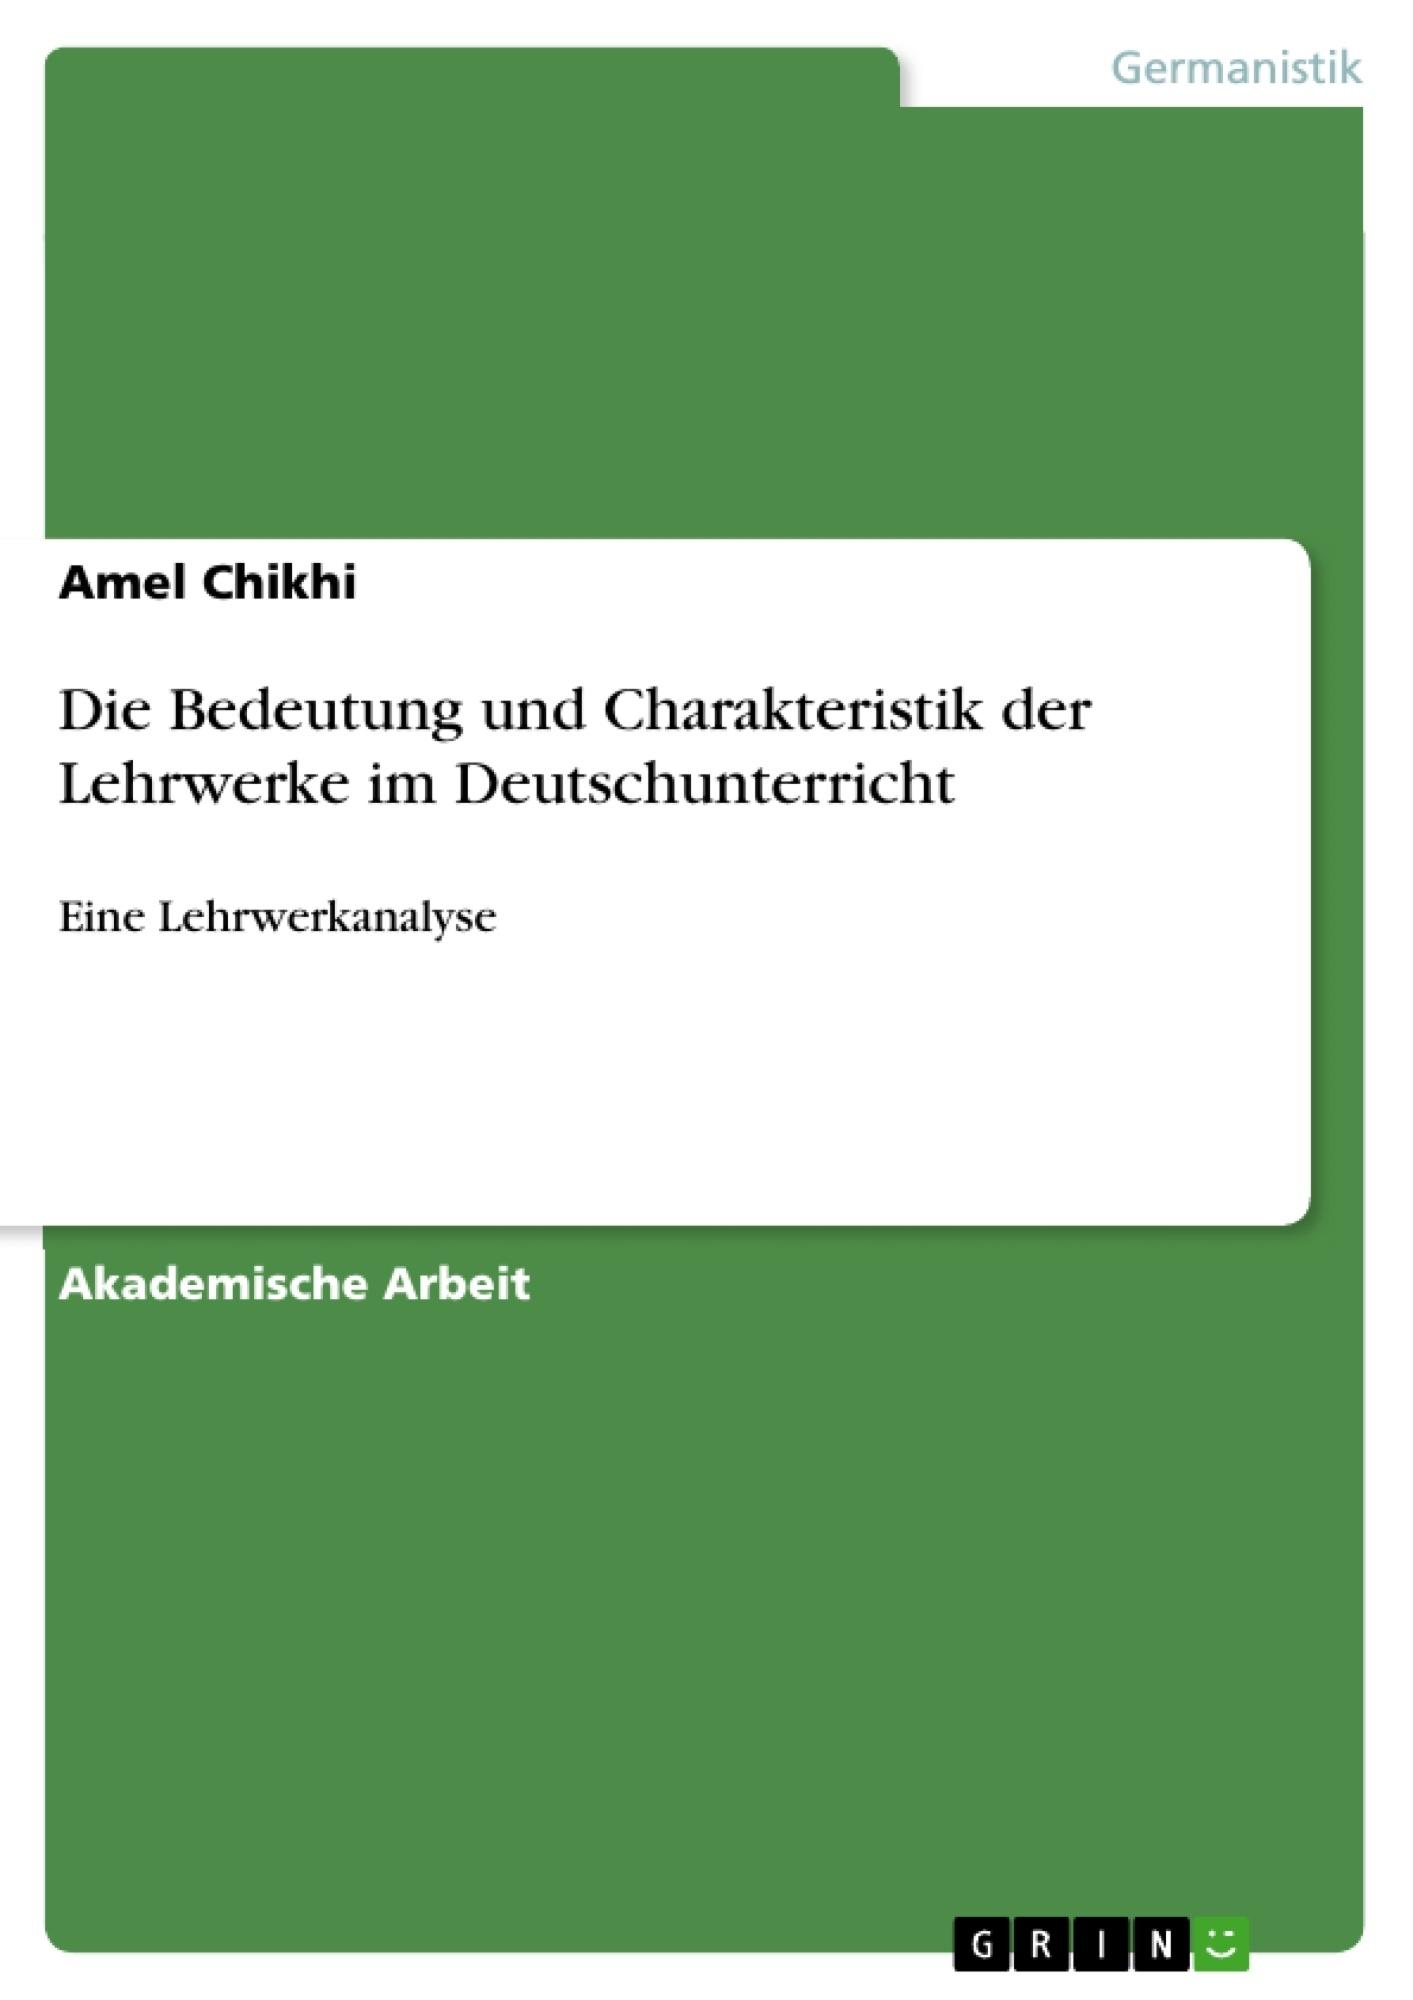 Titel: Die Bedeutung und Charakteristik der Lehrwerke im Deutschunterricht